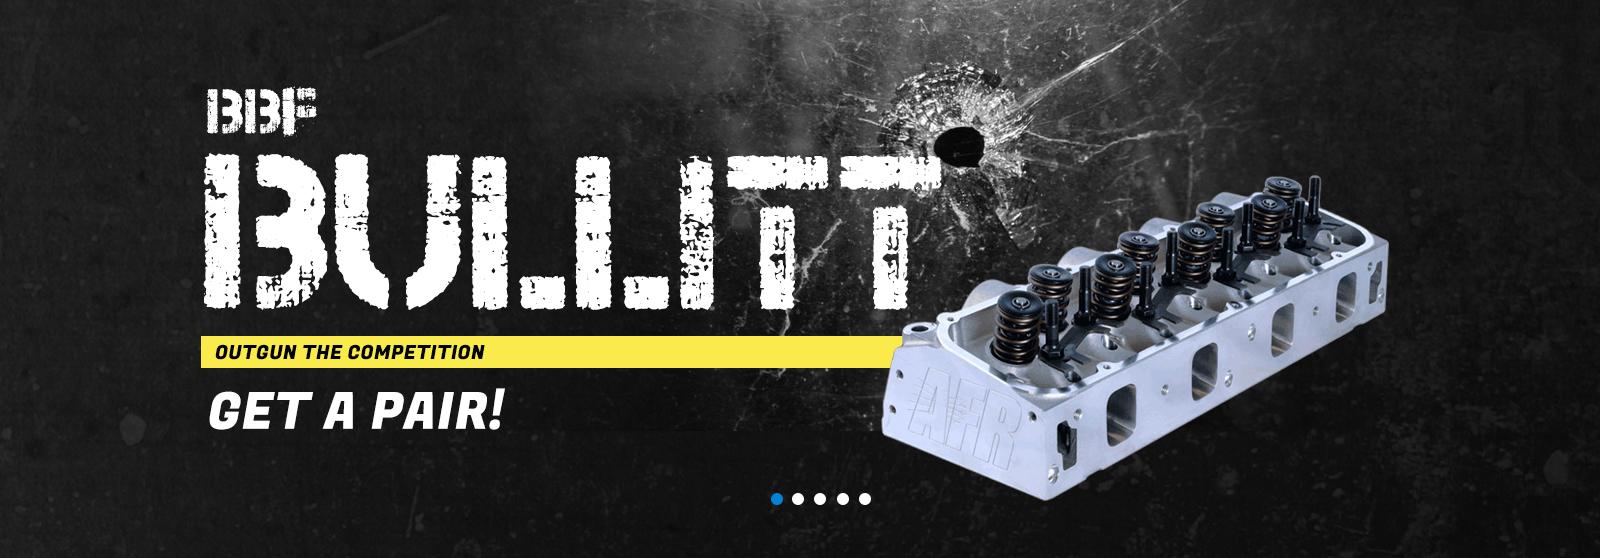 banner-bullitt.jpg